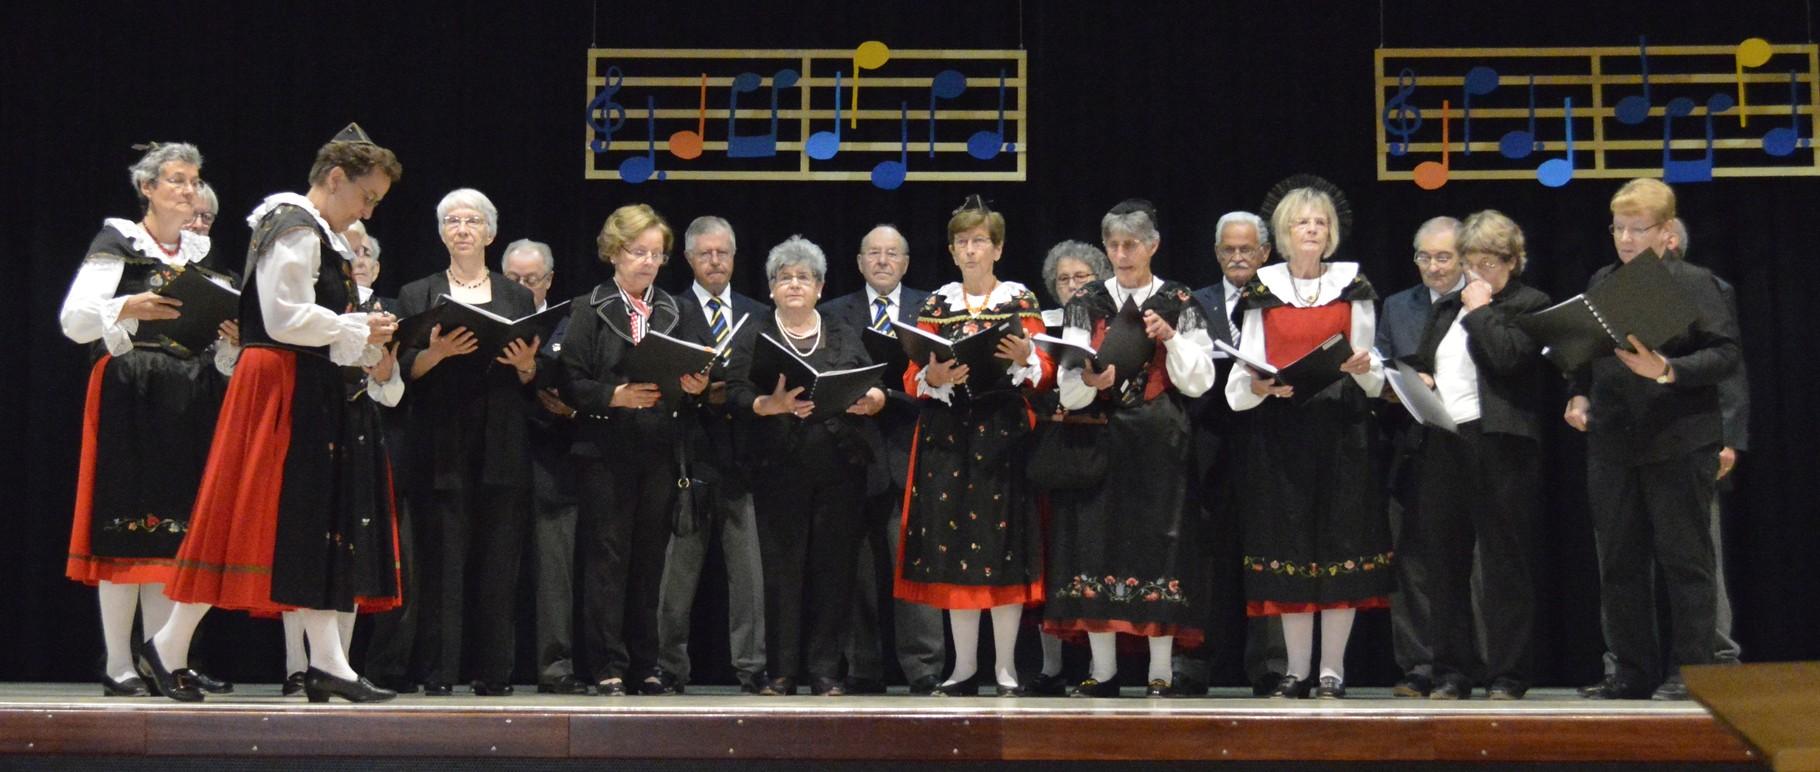 Chor viril rumantsch und Bündner Gemischter Chor Bern